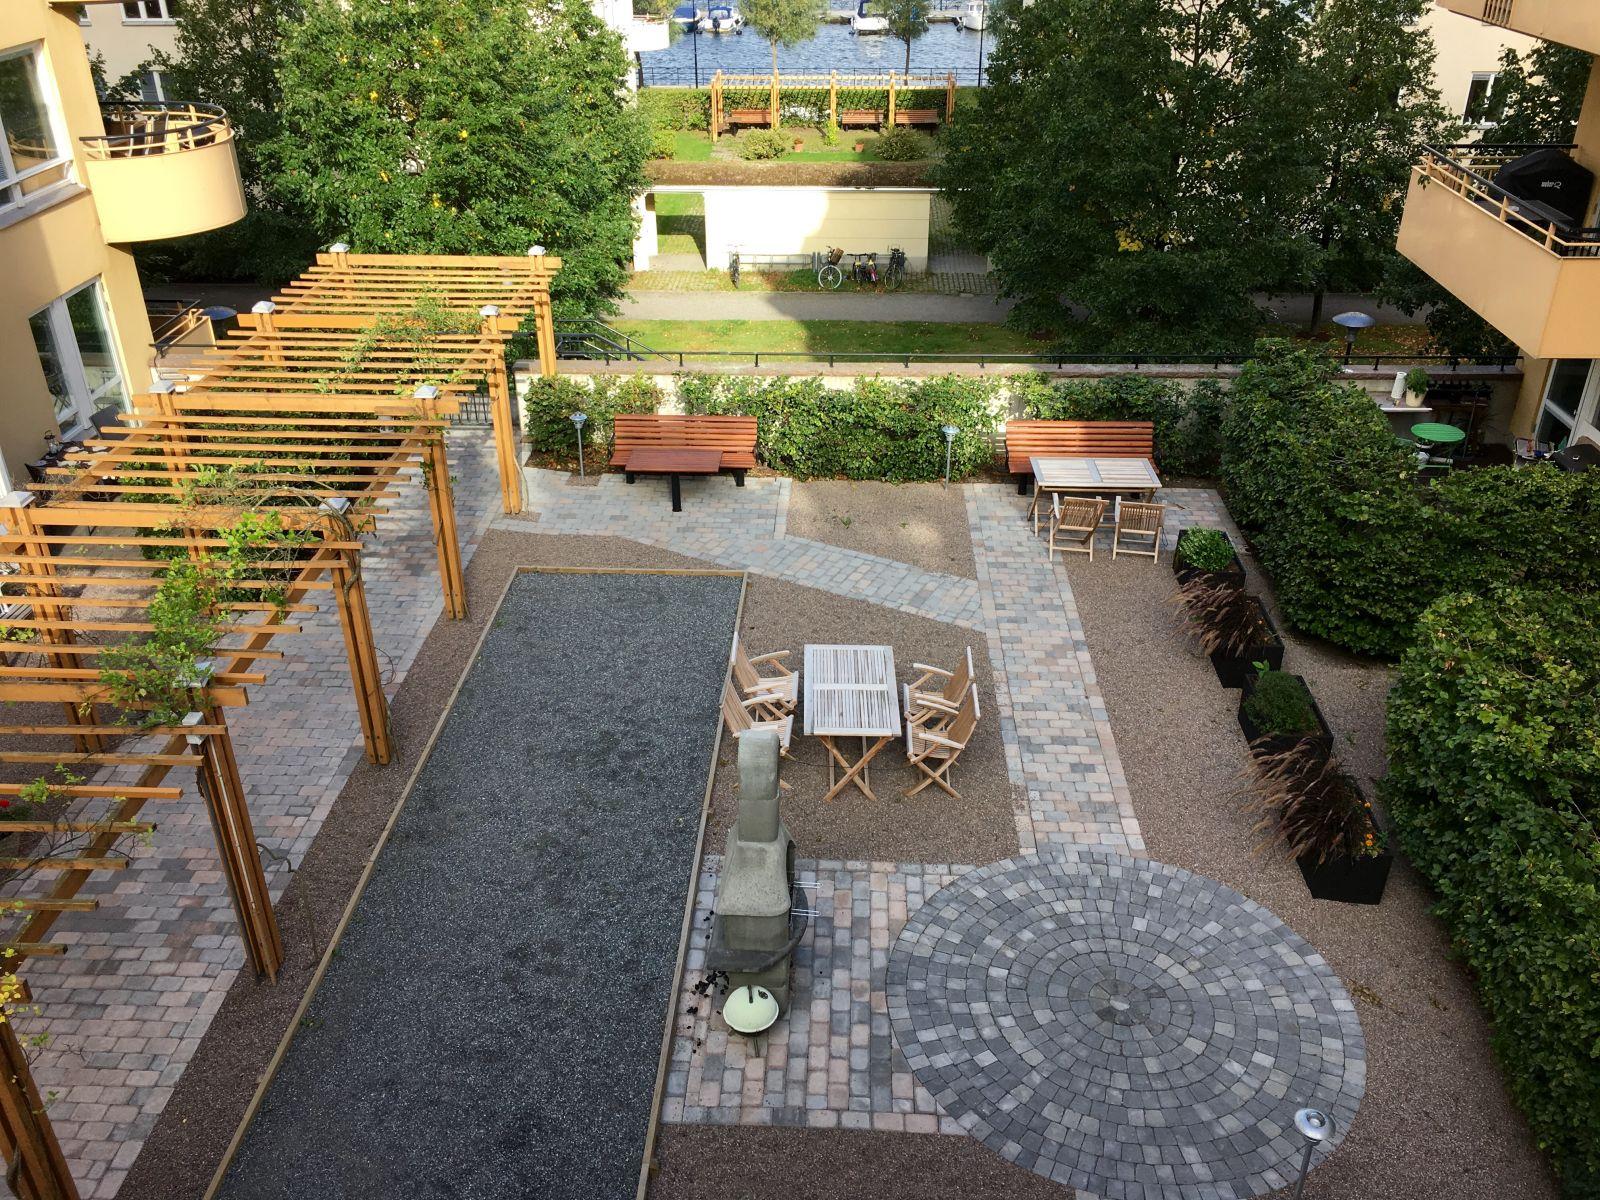 Föreningen har en nyligen upprustad innergård med både grill och boulebana.